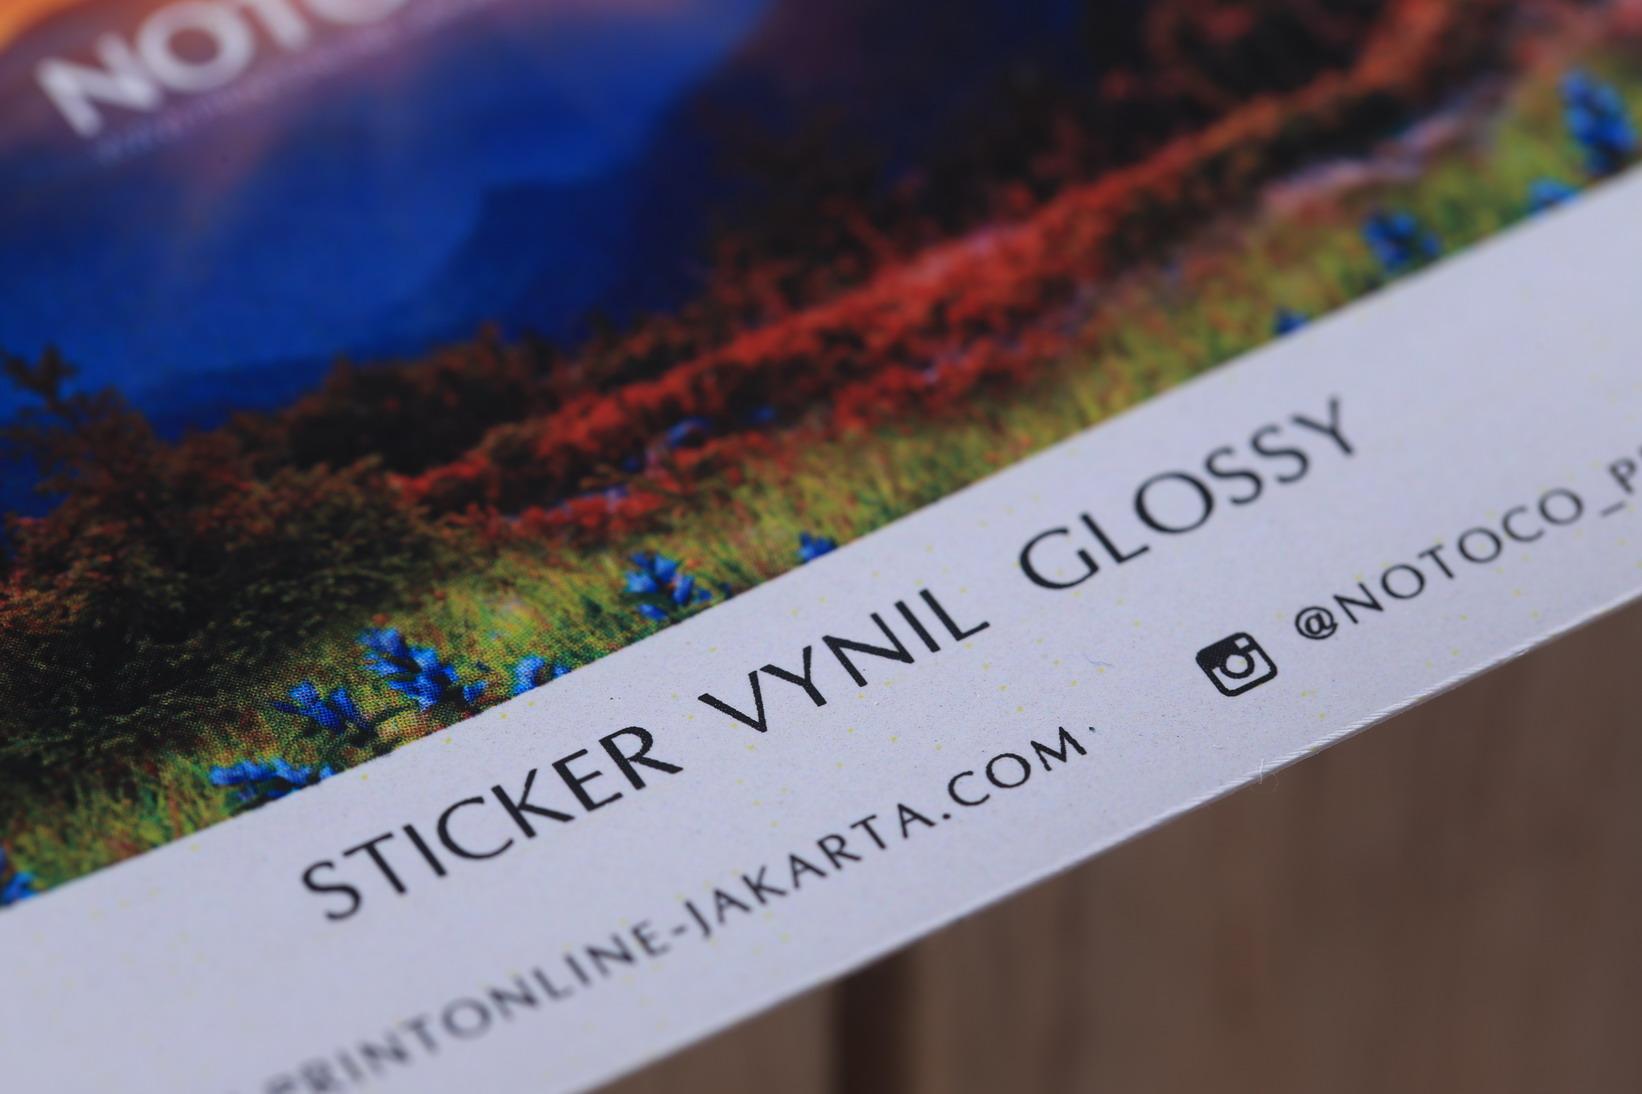 Sticker Vynil Glossy